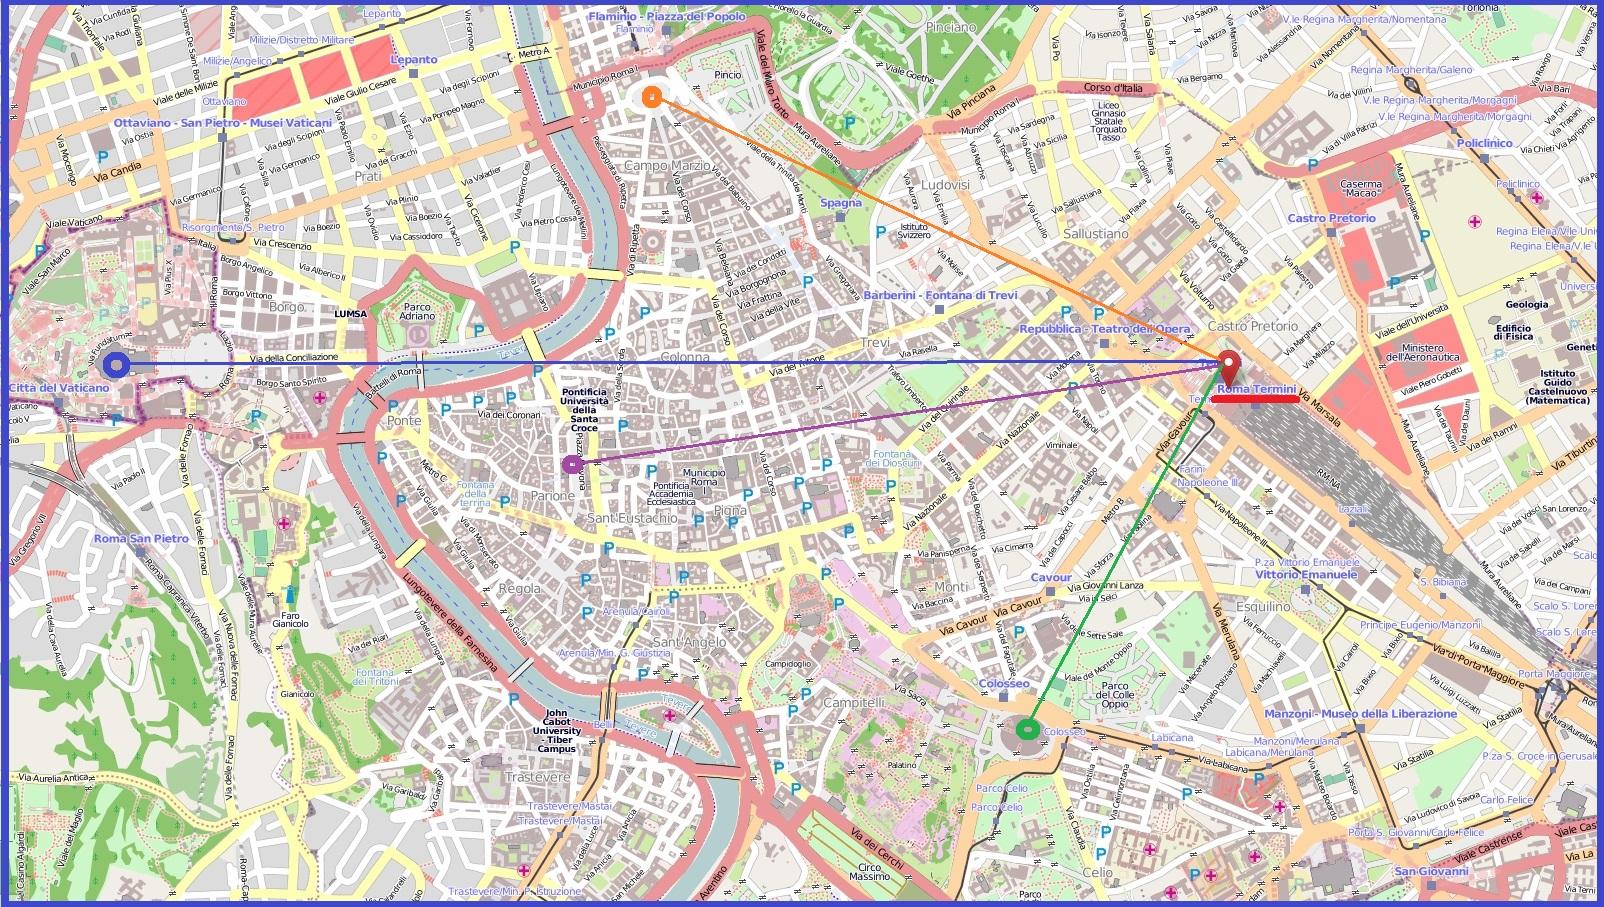 Вокзал Термини на карте Рима